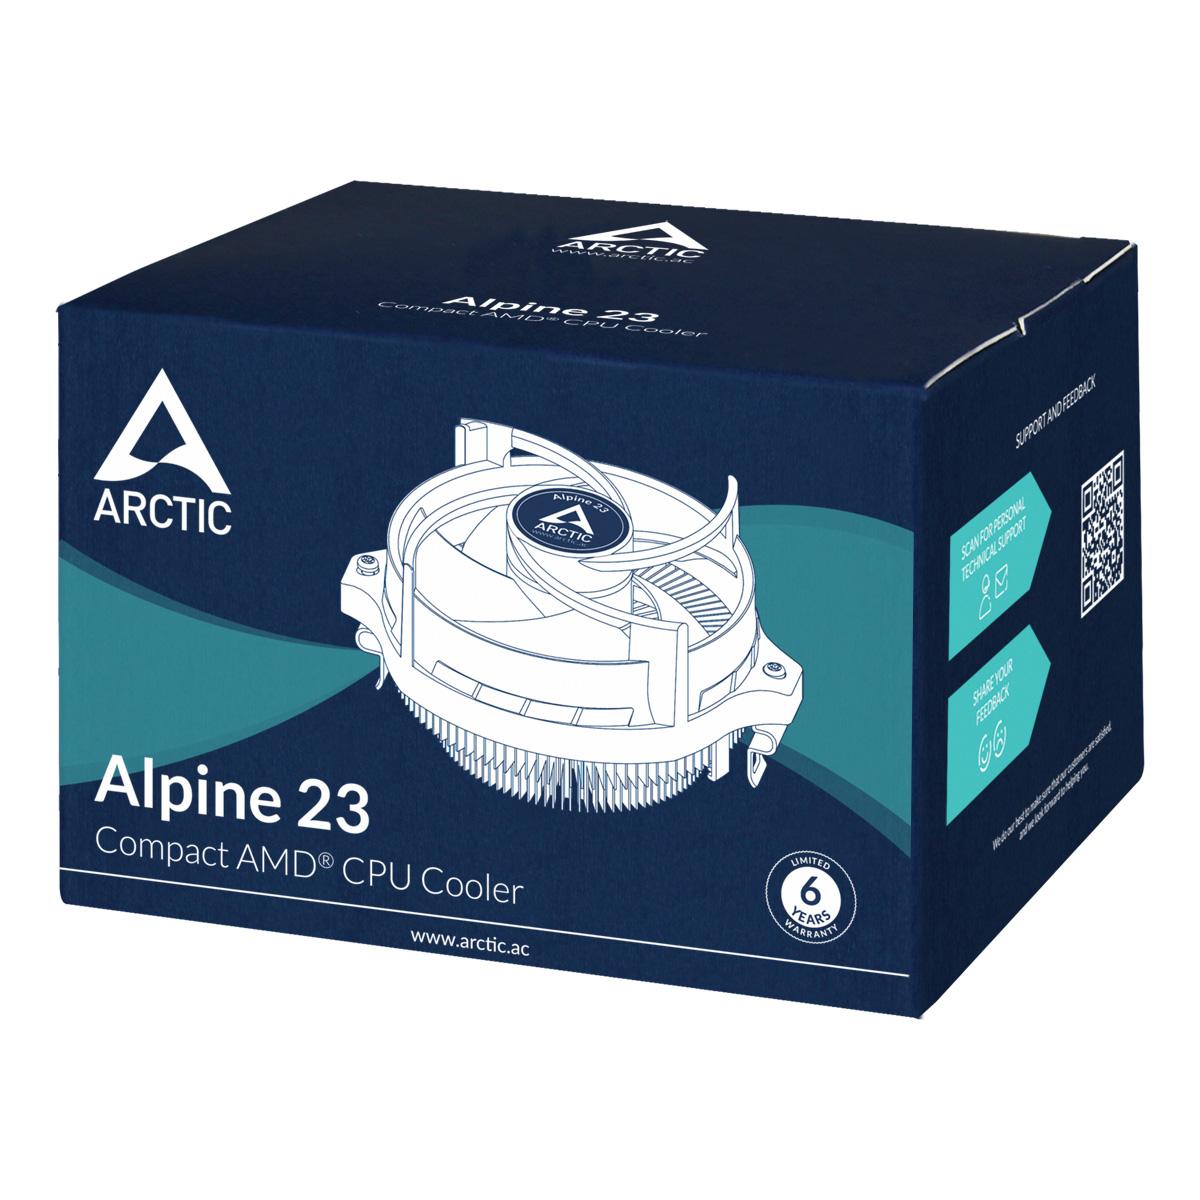 Alpine 23